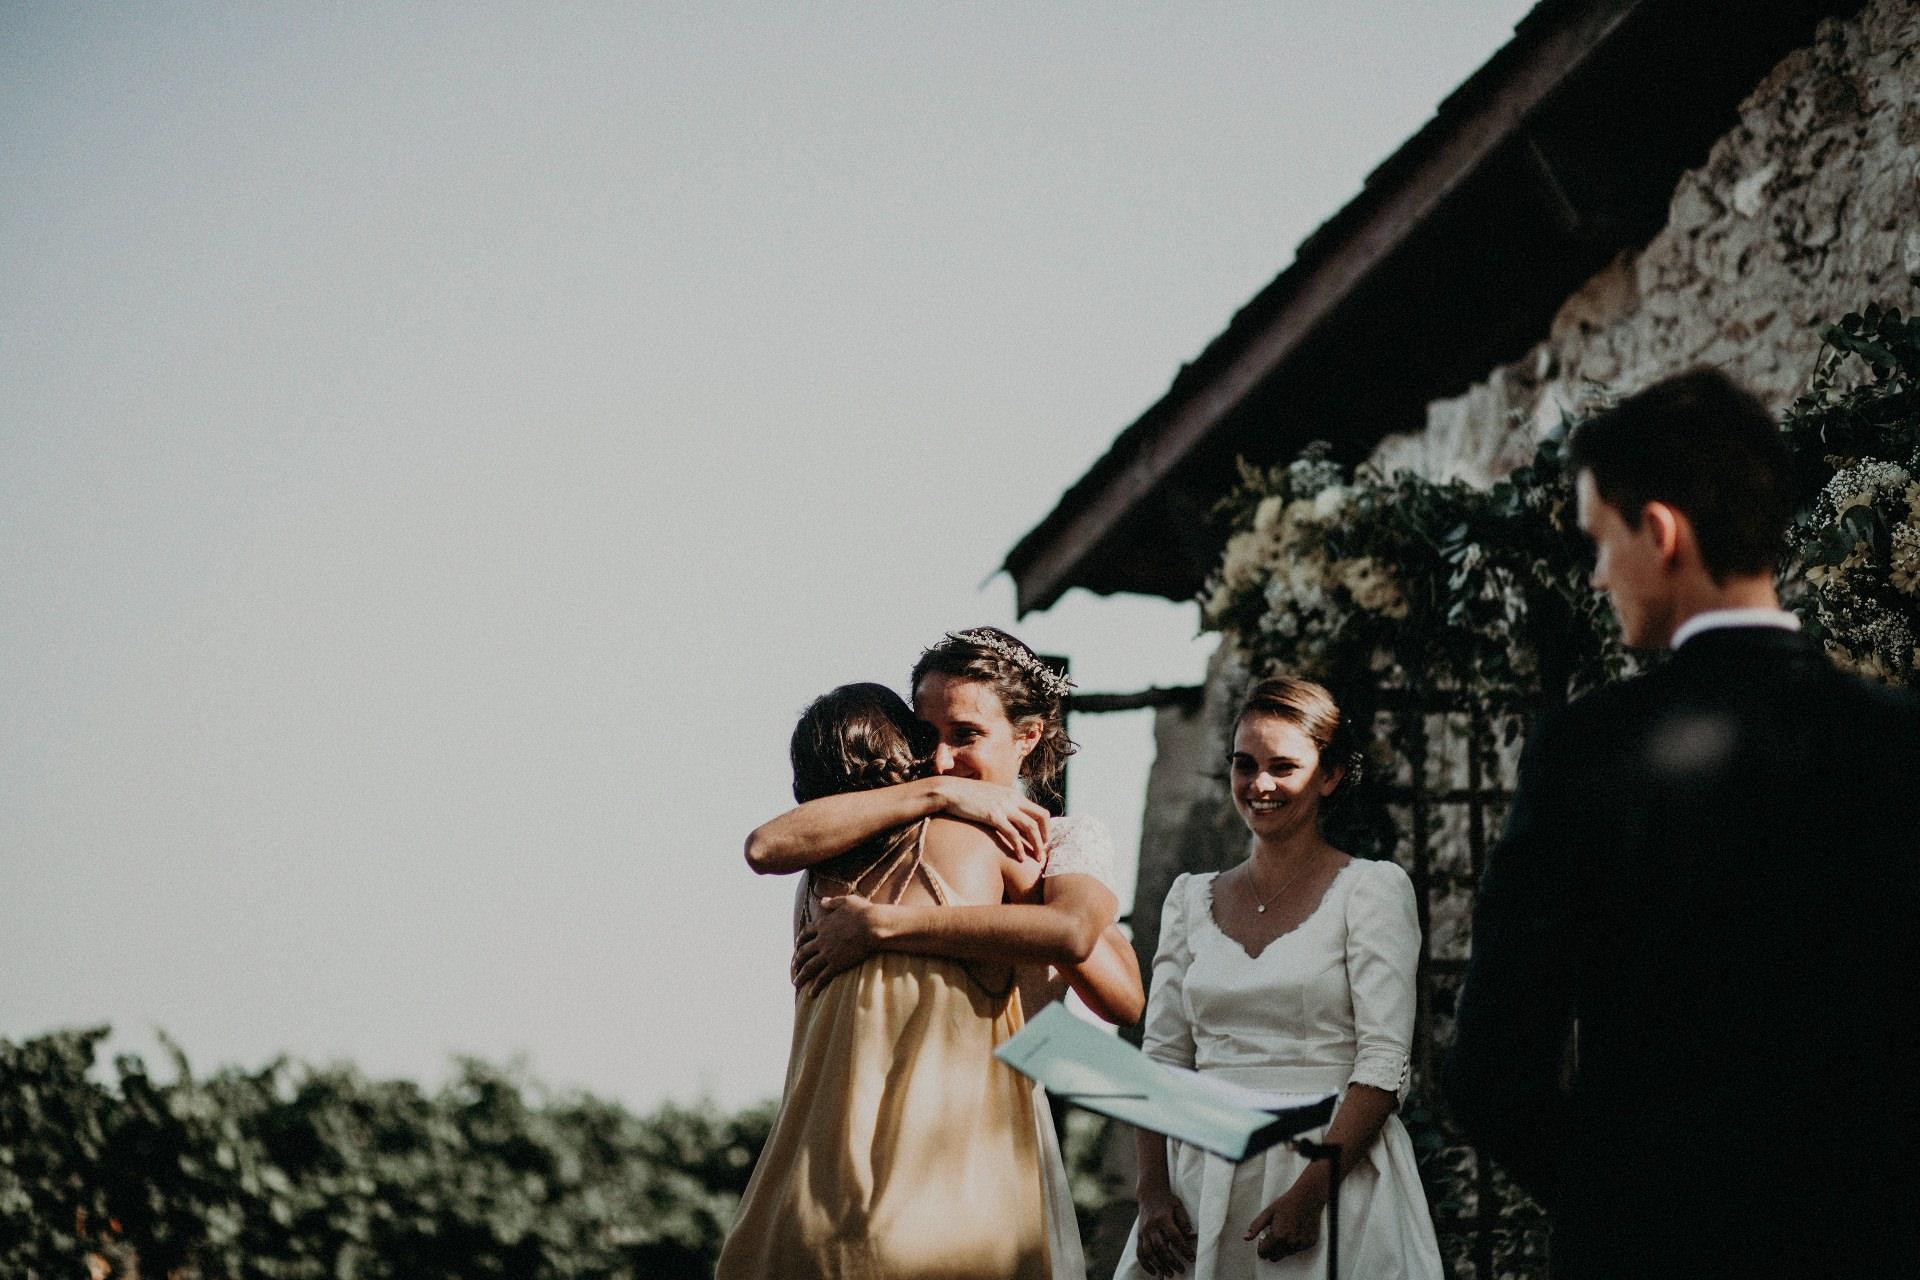 photographe-mariage-bordeaux-42.jpg